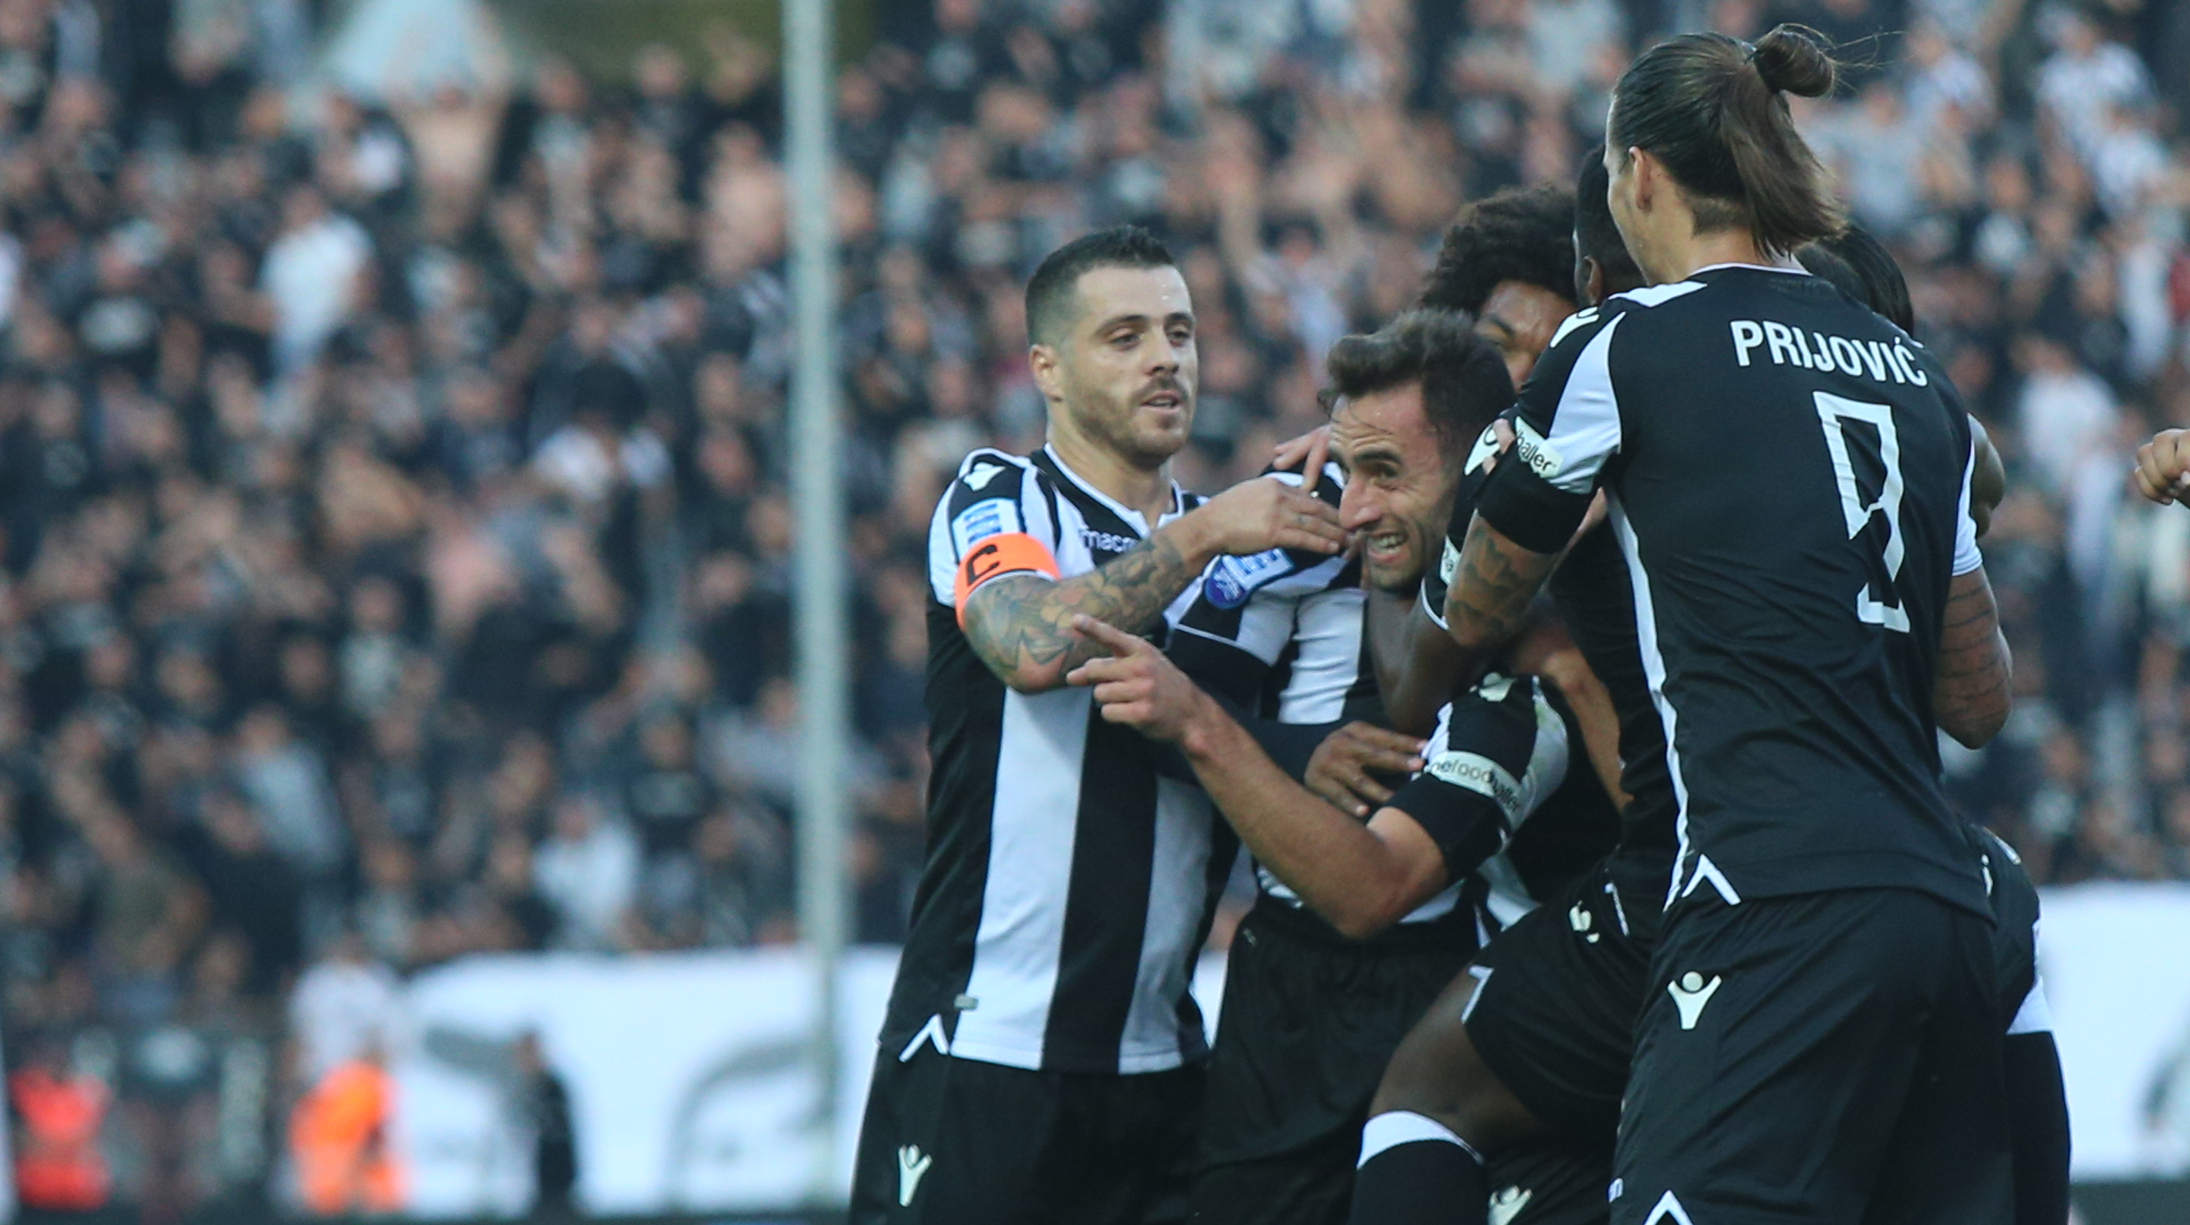 PAOK-Apollon Smyrnis 2-0